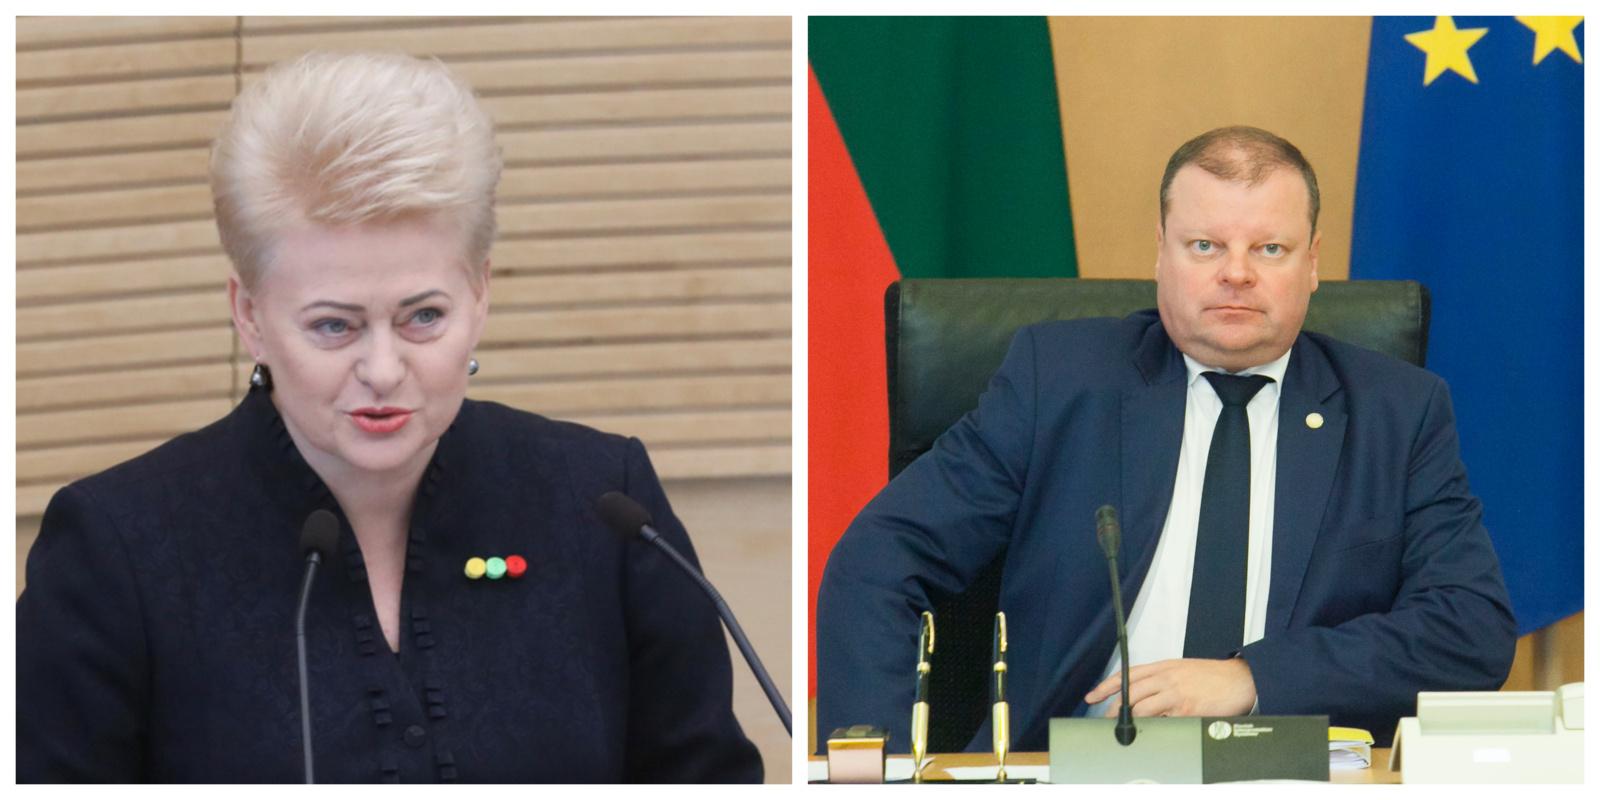 """D. Grybauskaitė dėl mokytojų S. Skverneliui davė tris savaites: """"Ilgiau laukti negalima"""""""